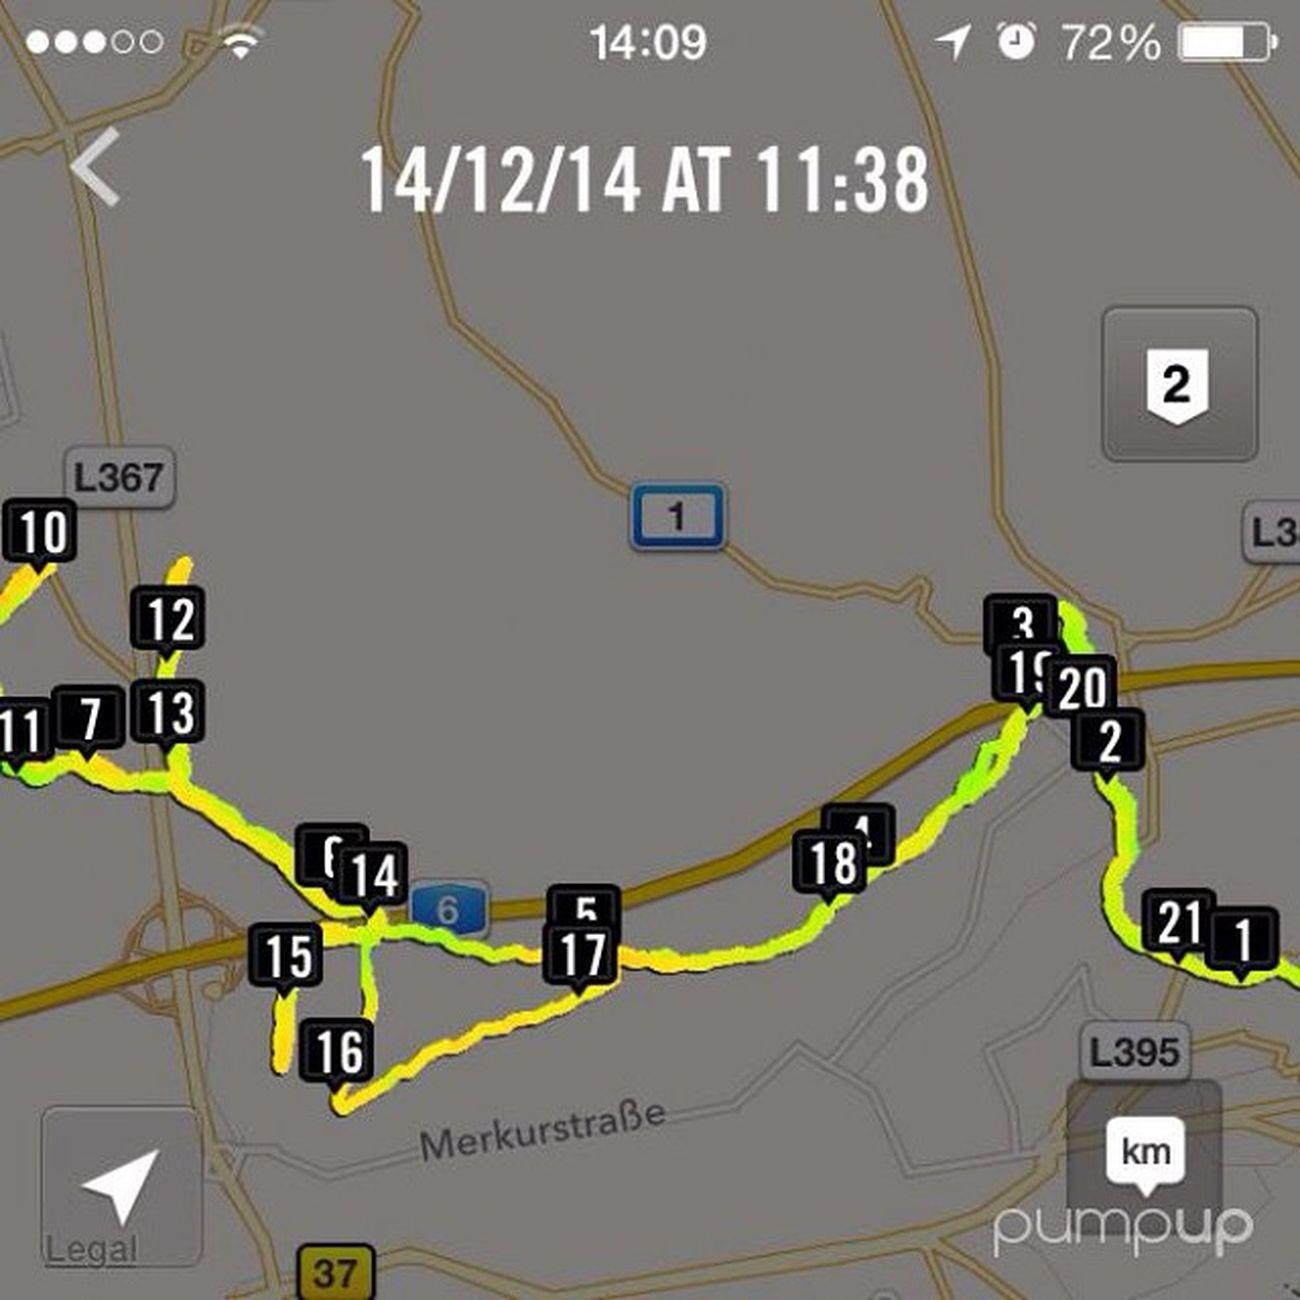 Running Nike Nikeplus Nikerunning Halfmarathontraining Teampumpup Ismoothrun Gipis Smashrun